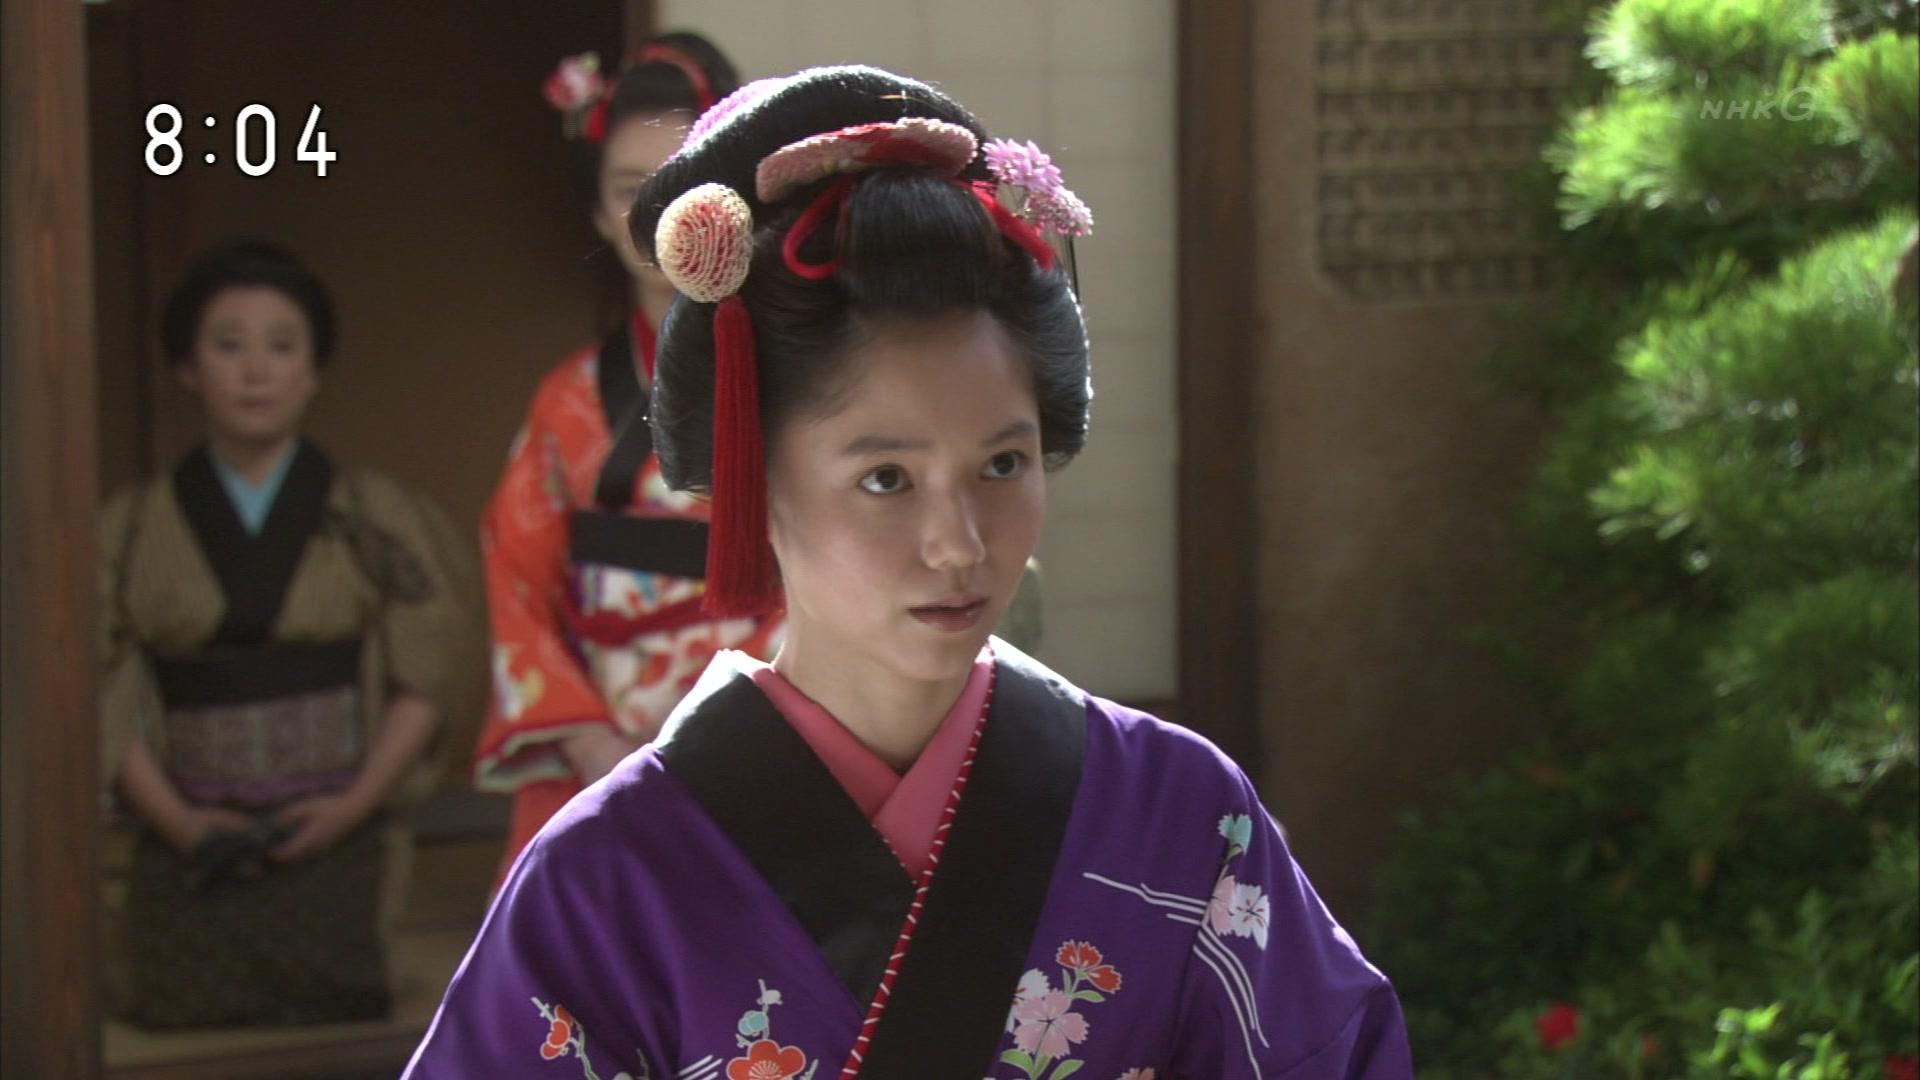 2015-10-09 08:00 連続テレビ小説 あさが来た(11)「ふたつの花びら」 0887